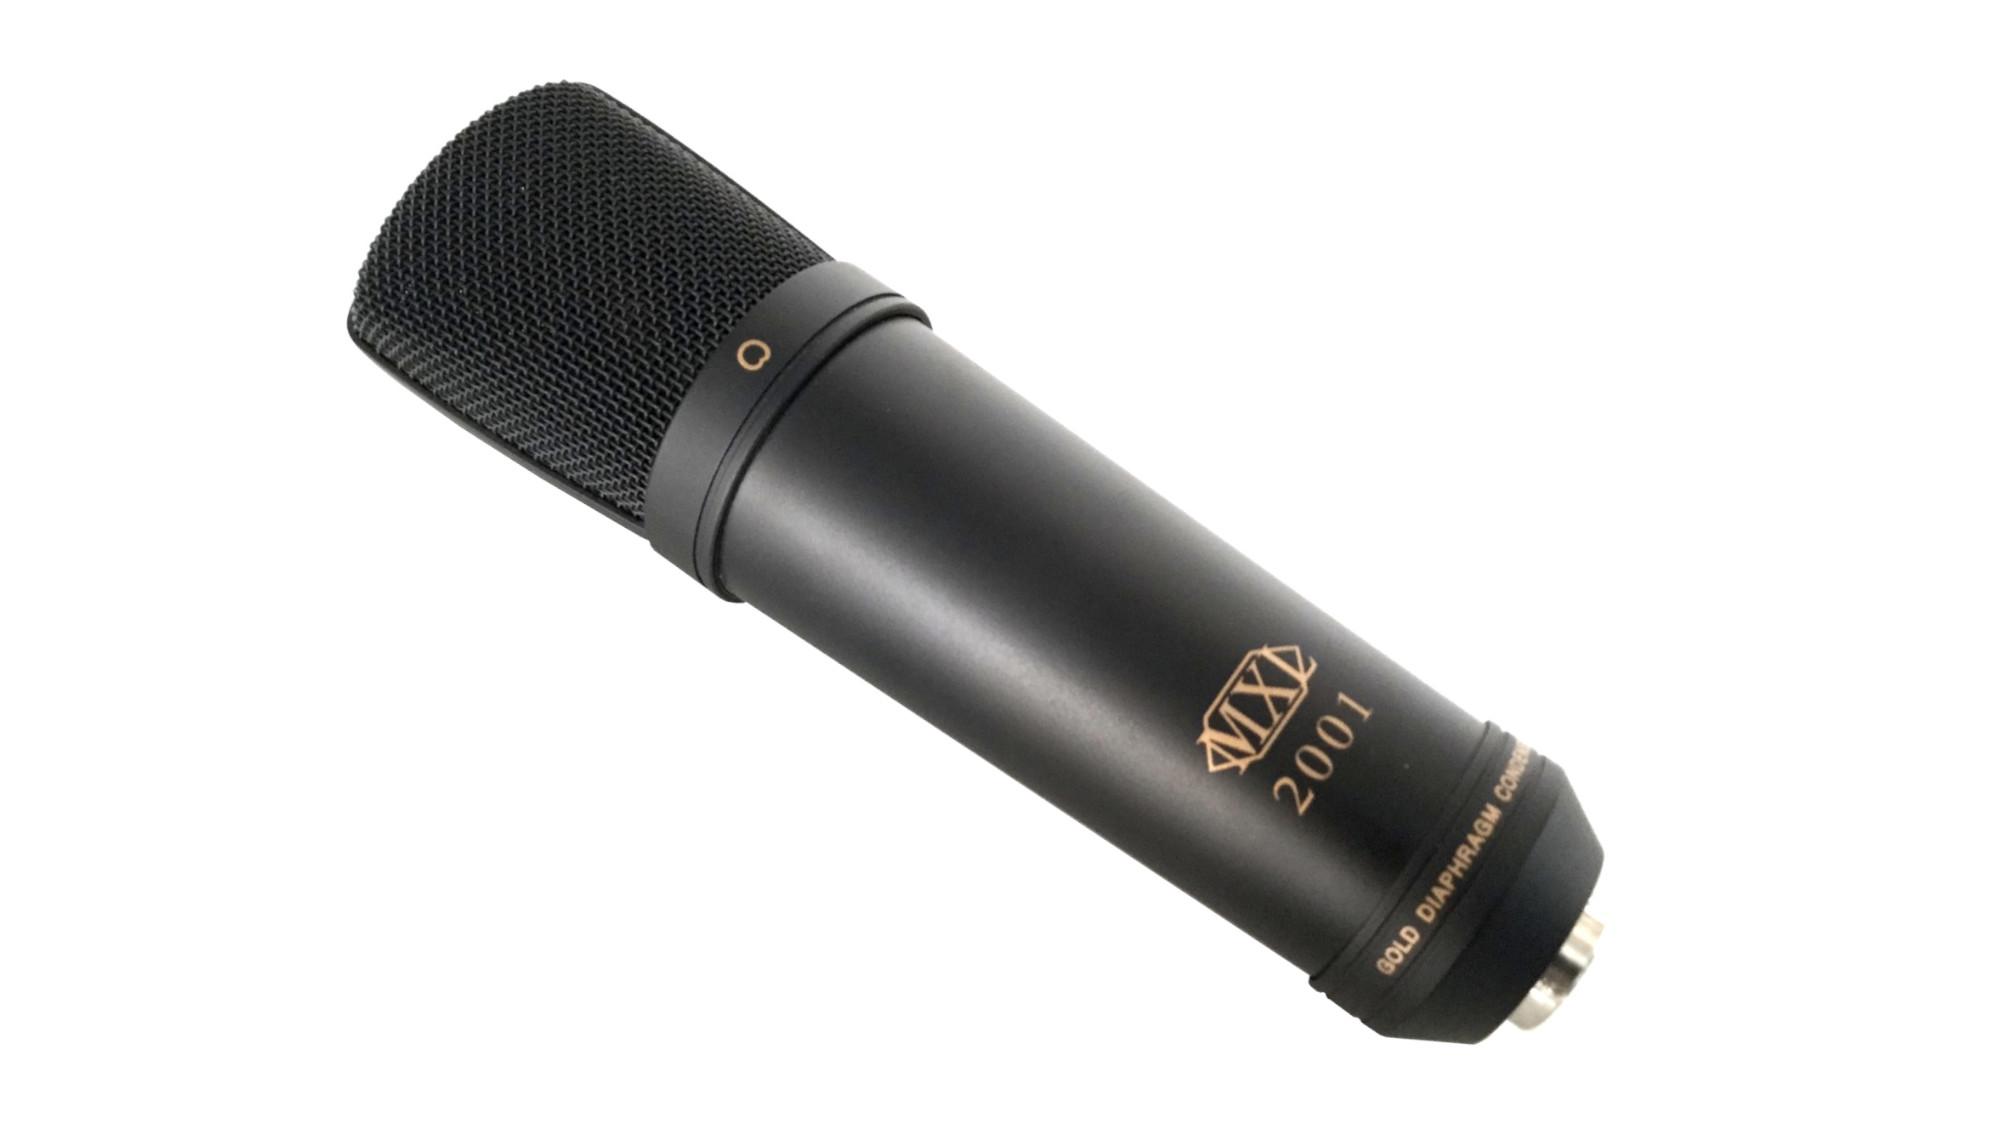 Kondensatormikrofon leihen